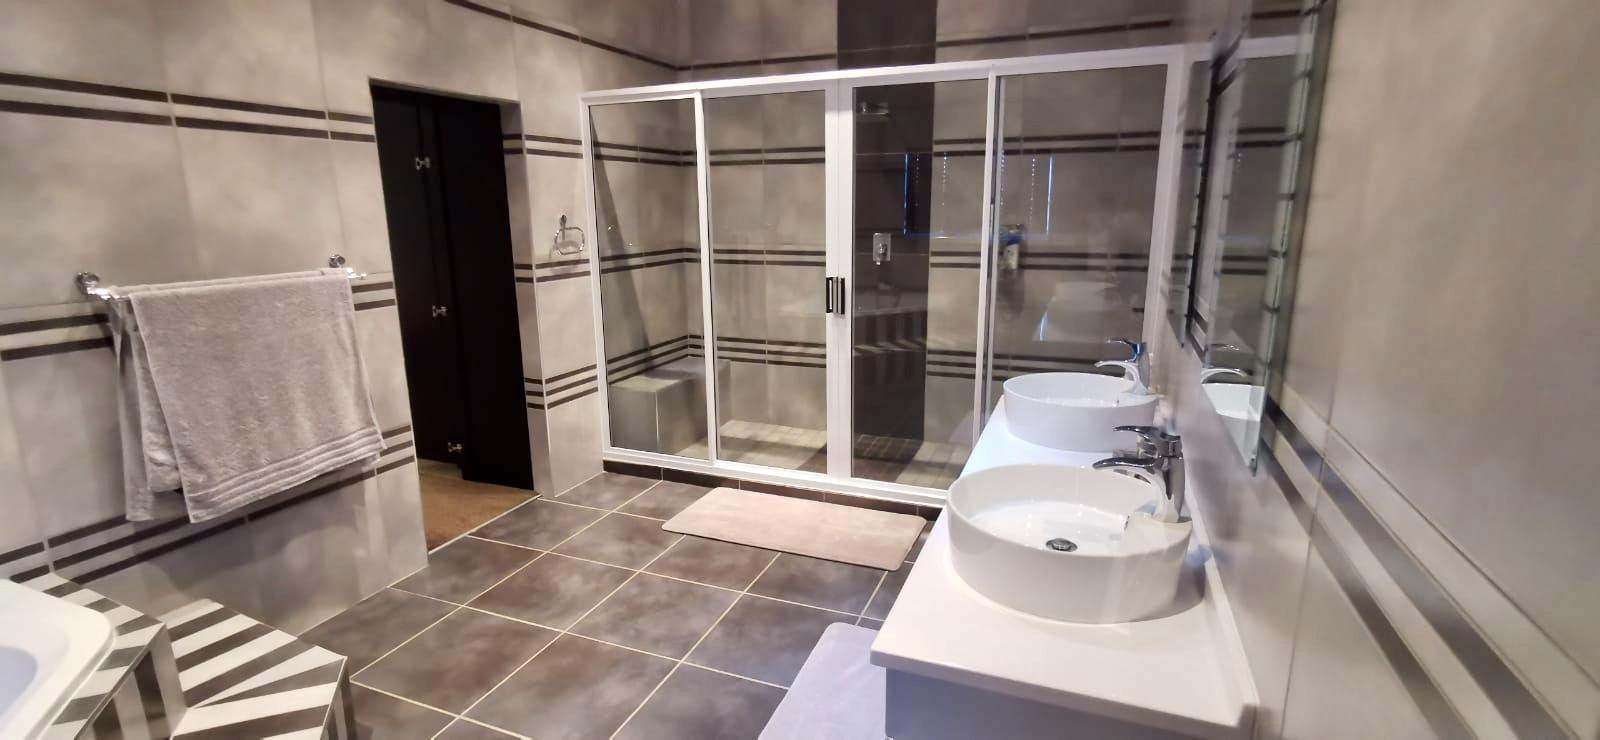 8 Bedroom House For Sale in Hartebeestfontein